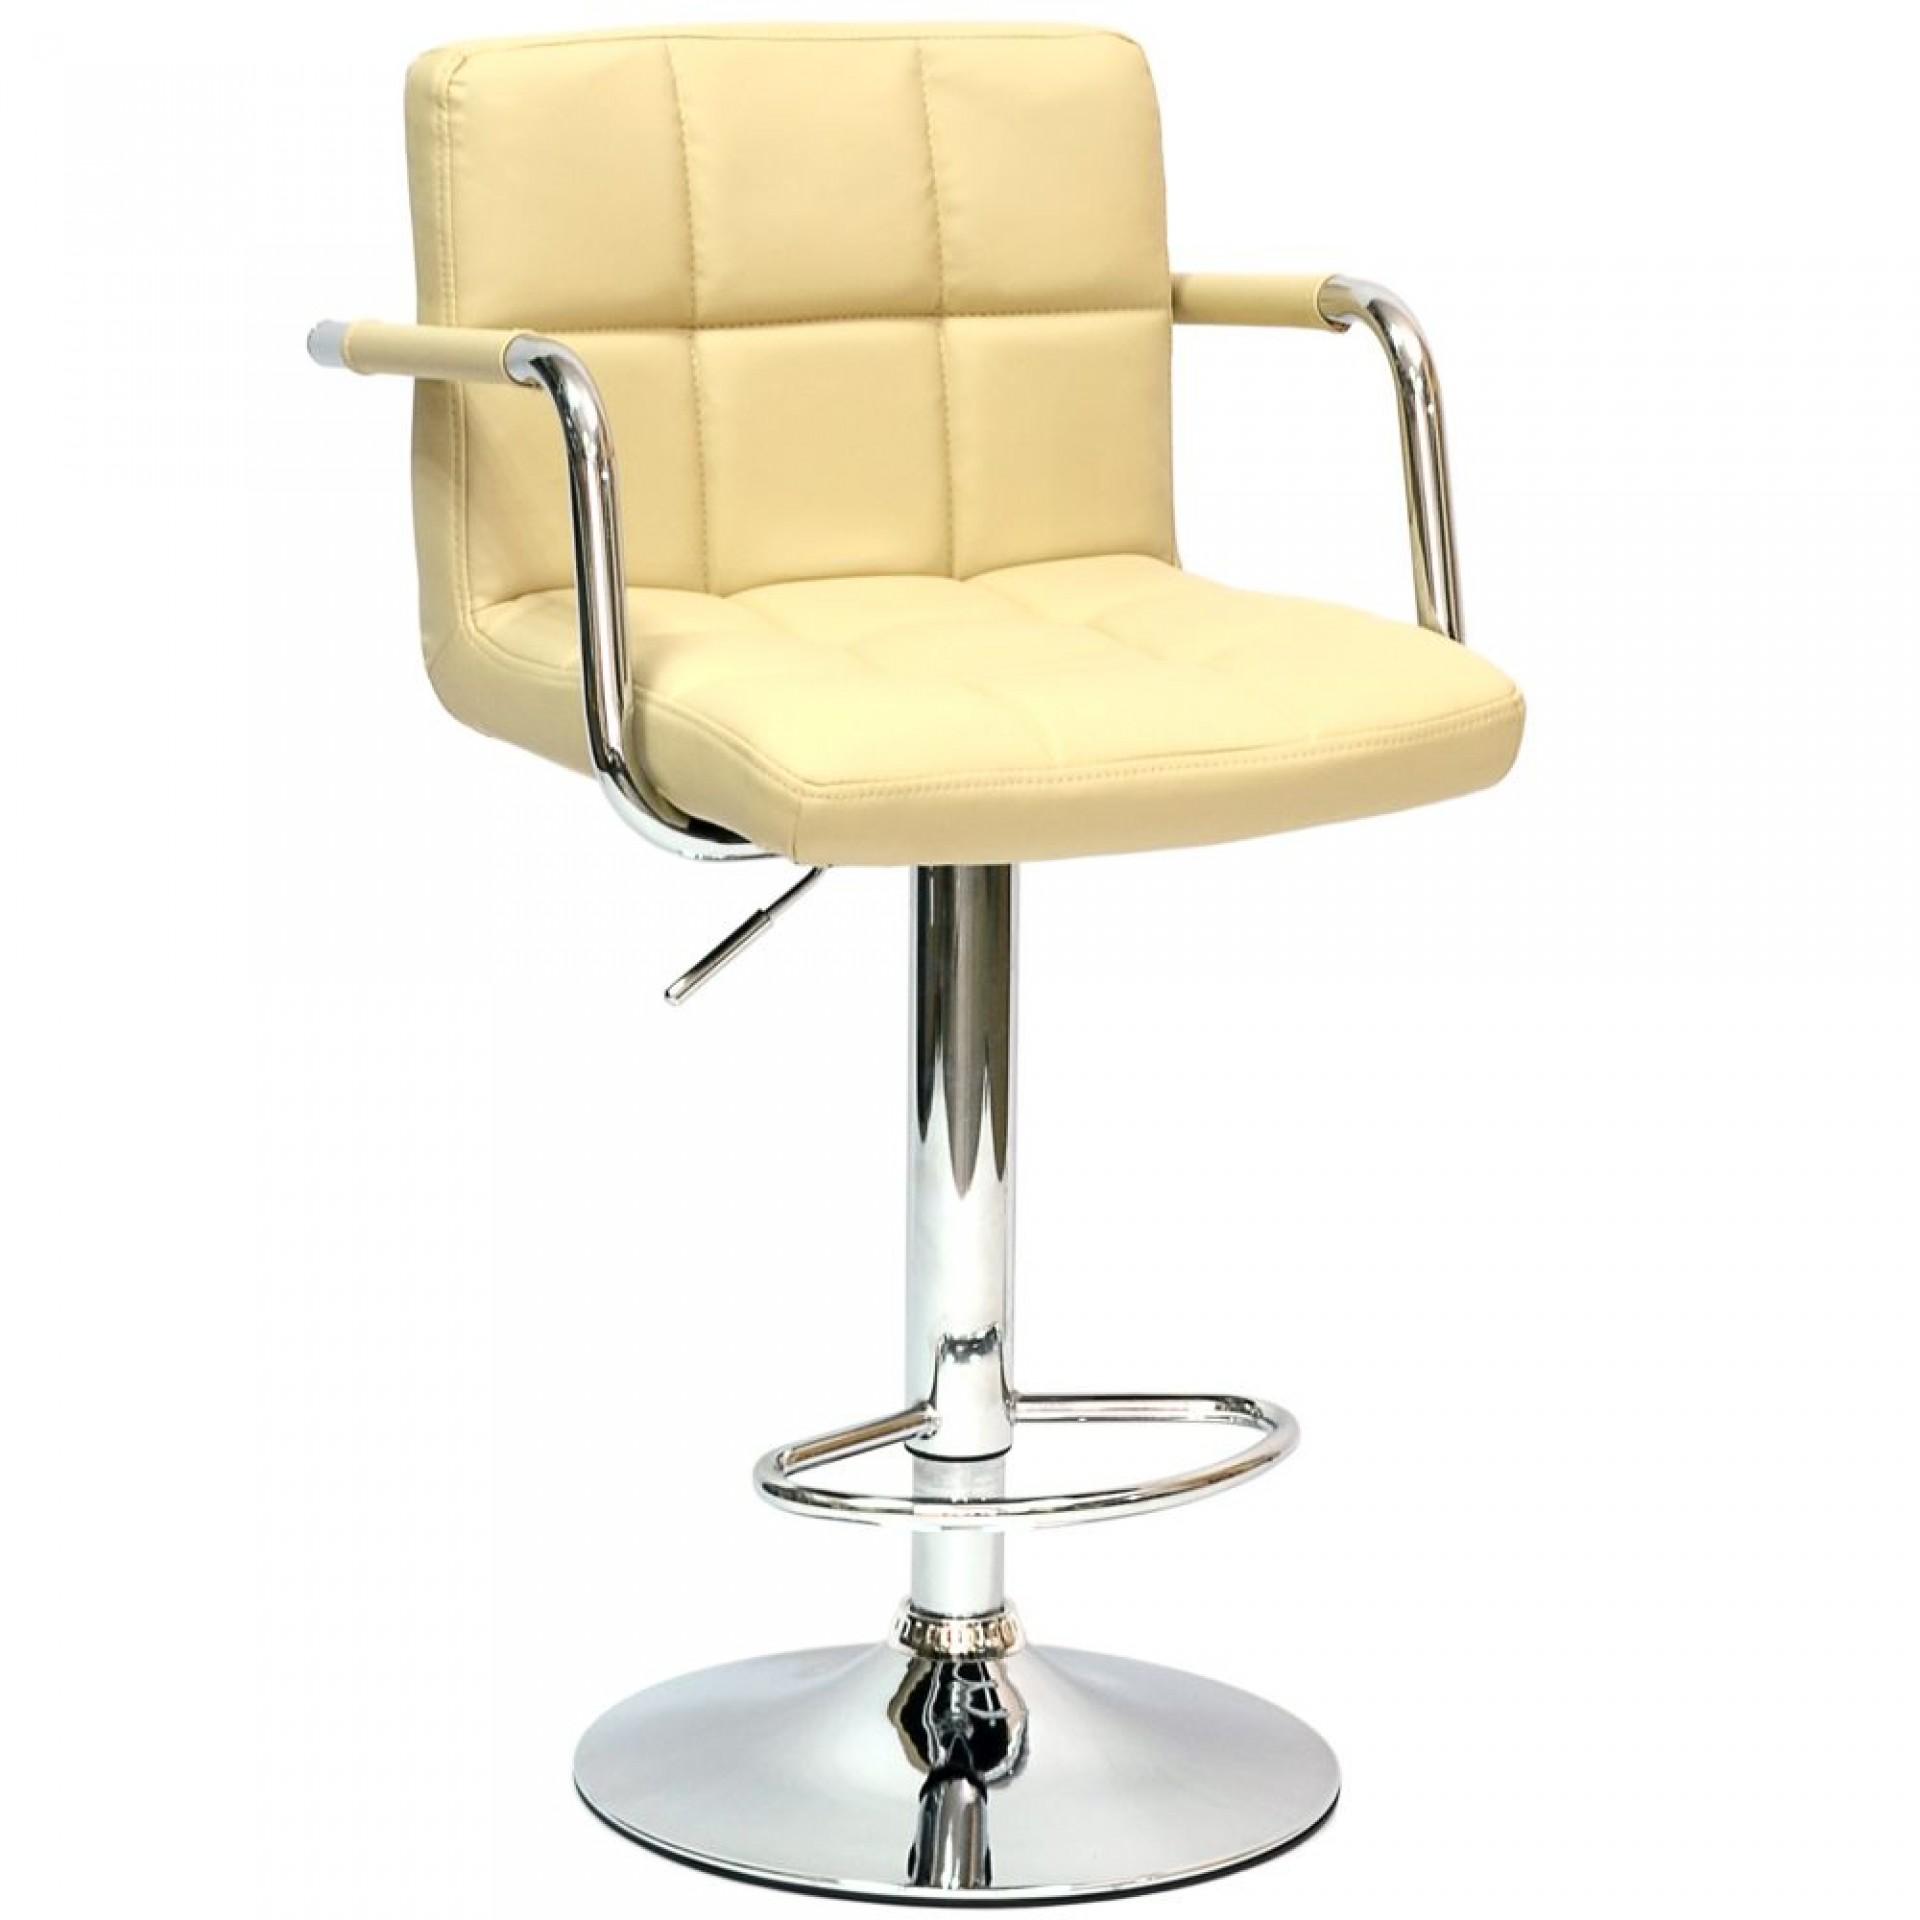 """Барный стул """"N-69 Kruger Arm"""" кремовая кожа ( бежевая)"""